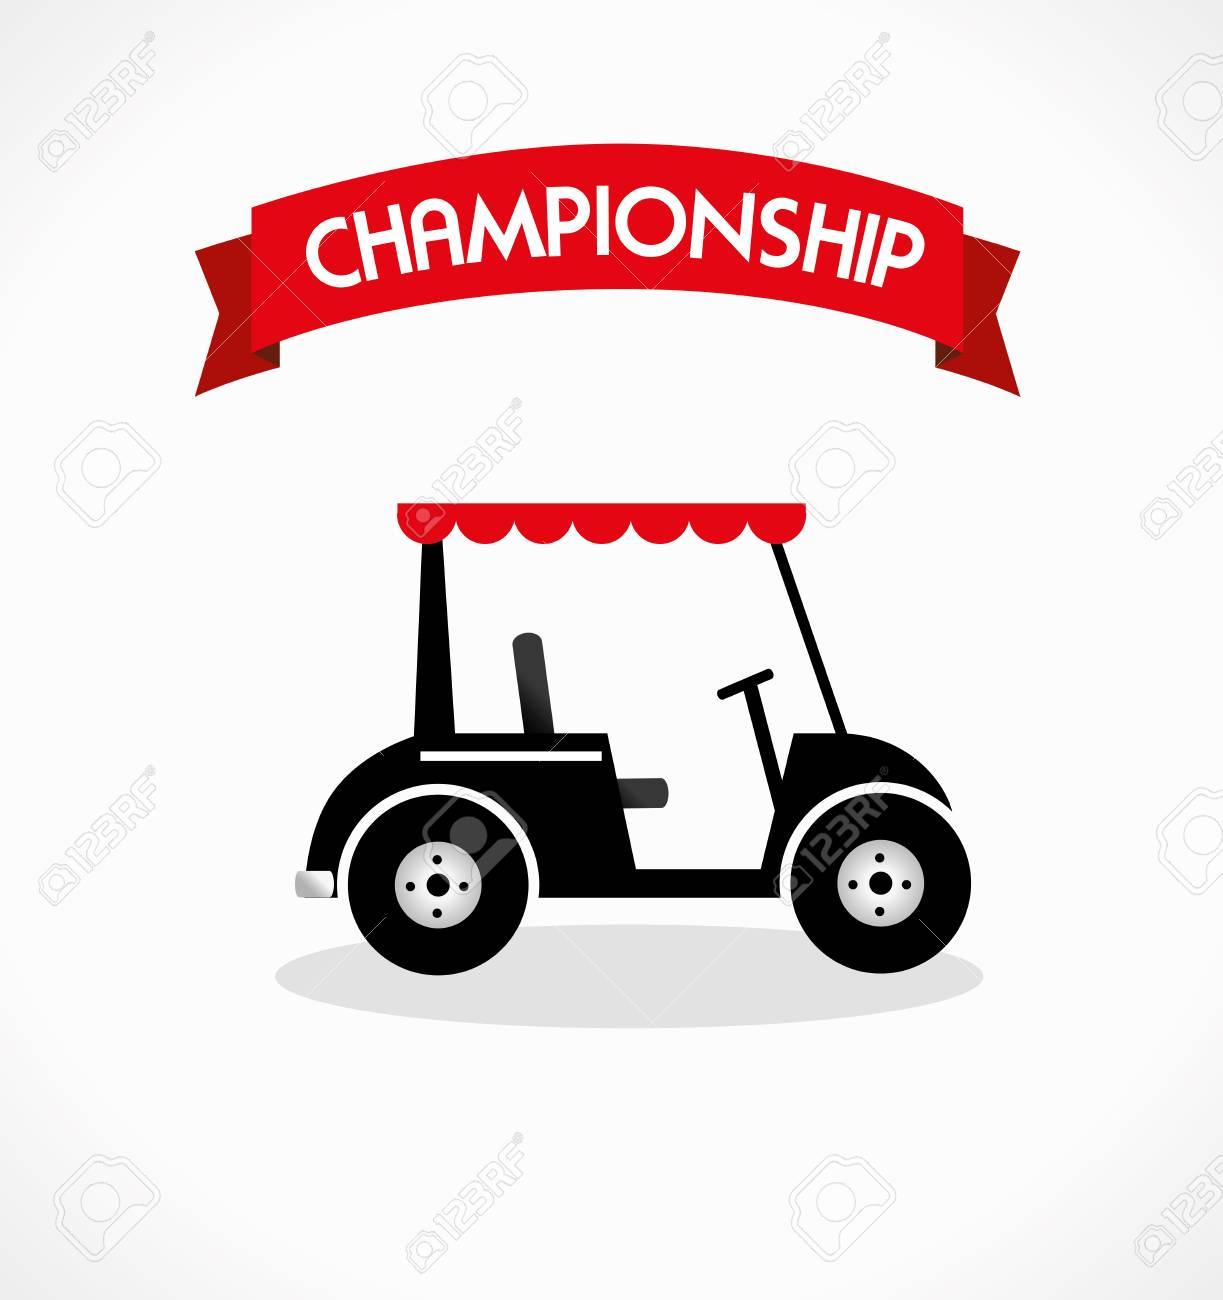 golf design over white  background vector illustration Stock Vector - 23762528